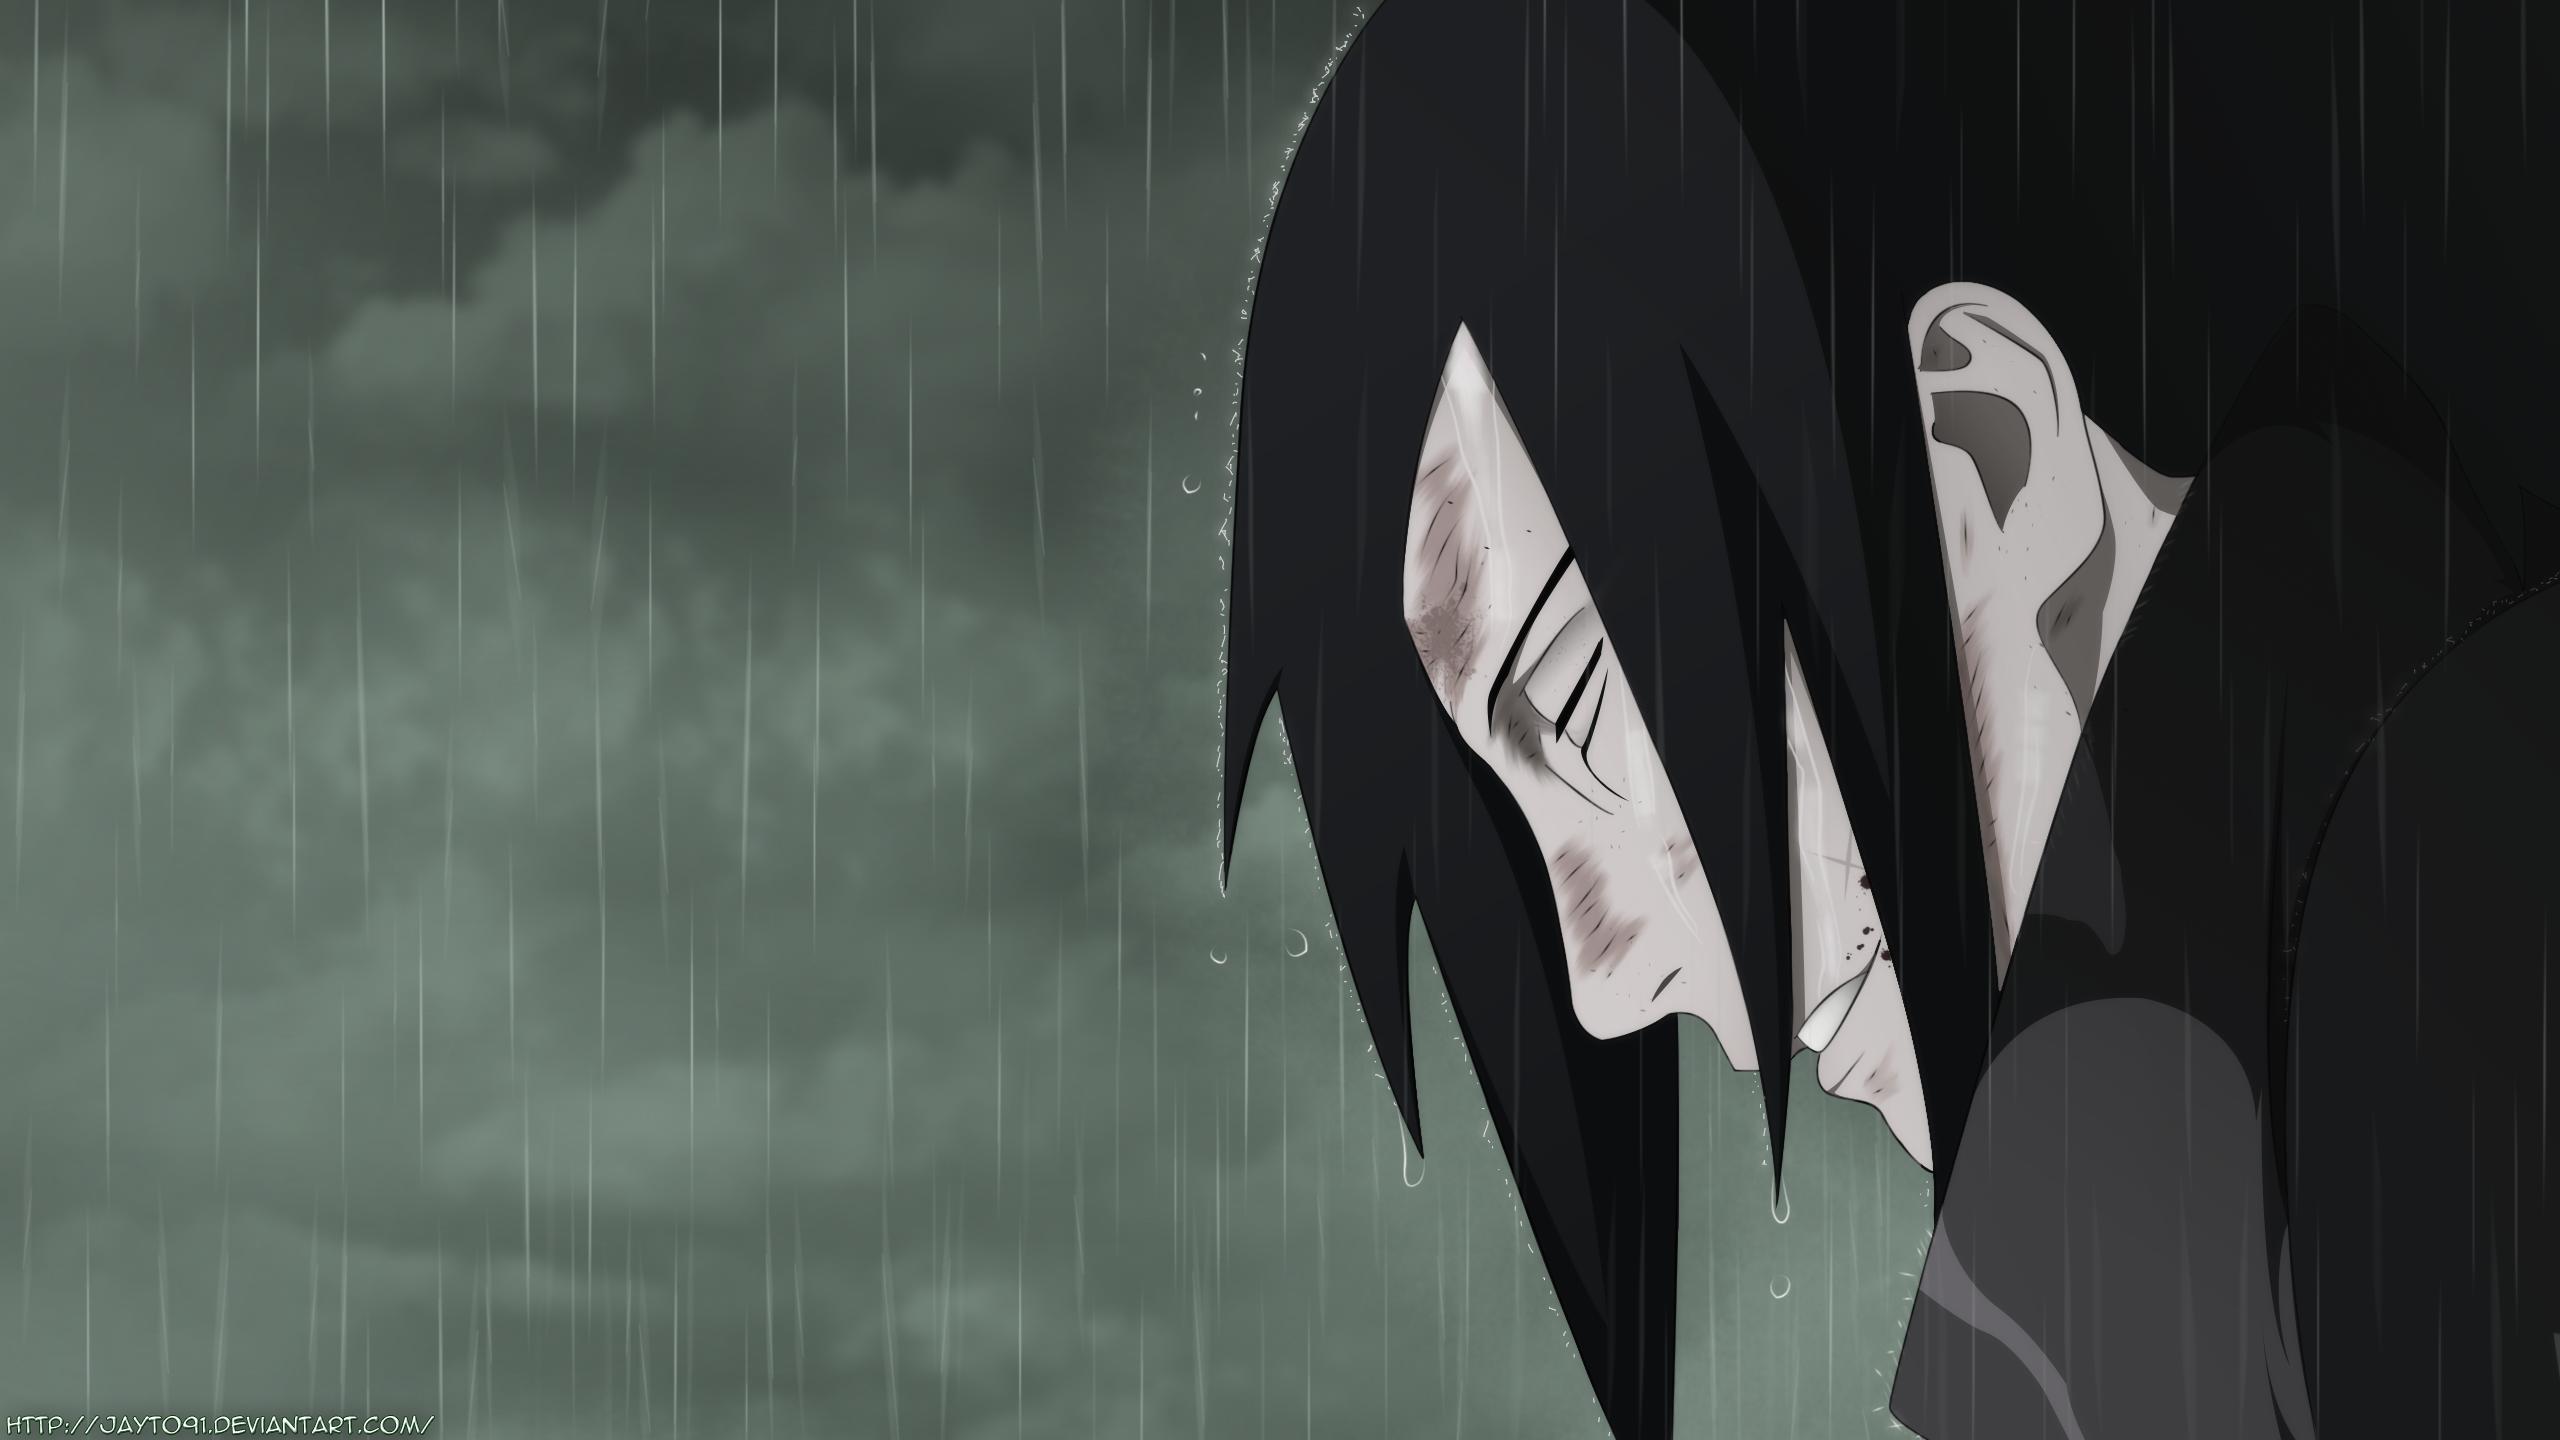 Naruto Fondo De Pantalla Hd Fondo De Escritorio